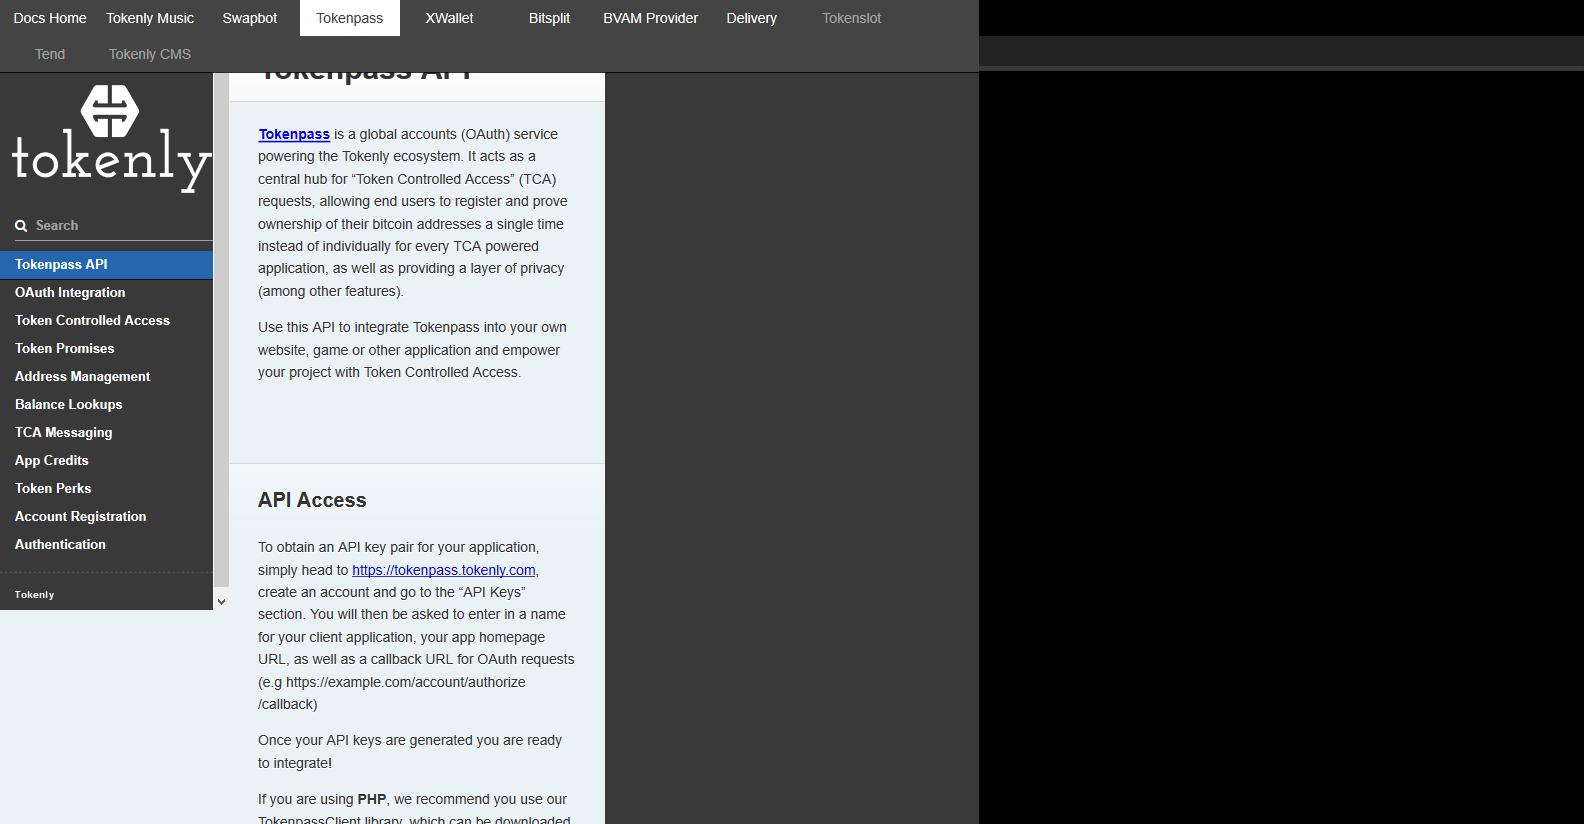 Tokenly Tokenpass API